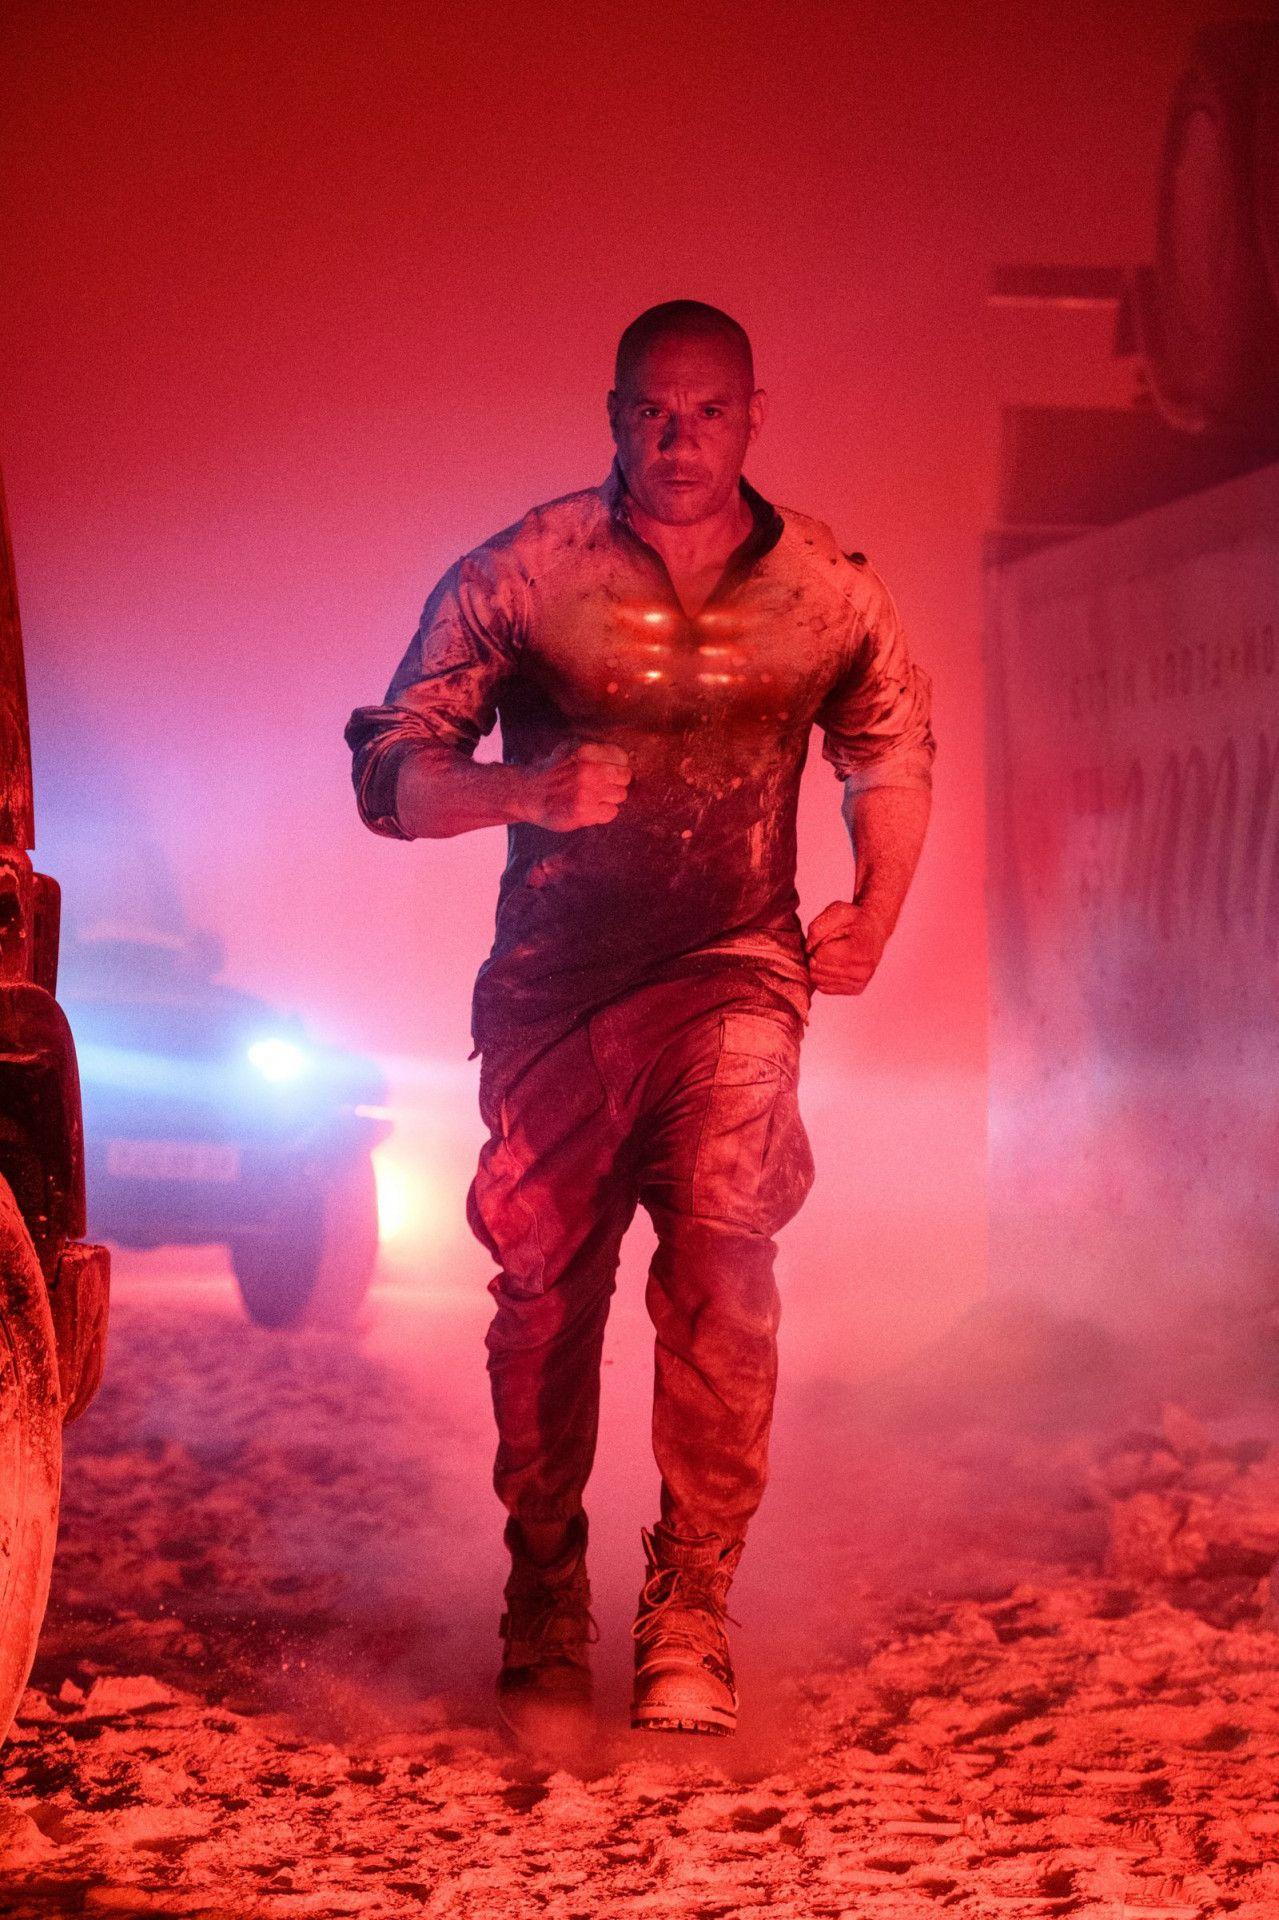 Wild entschlossen und durch nichts aufzuhalten: In einem Tunnel stellt der wiederbelebte, technisch hochgerüstete Ray Garrison alias Bloodshot (Vin Diesel) den Mörder seiner Frau.